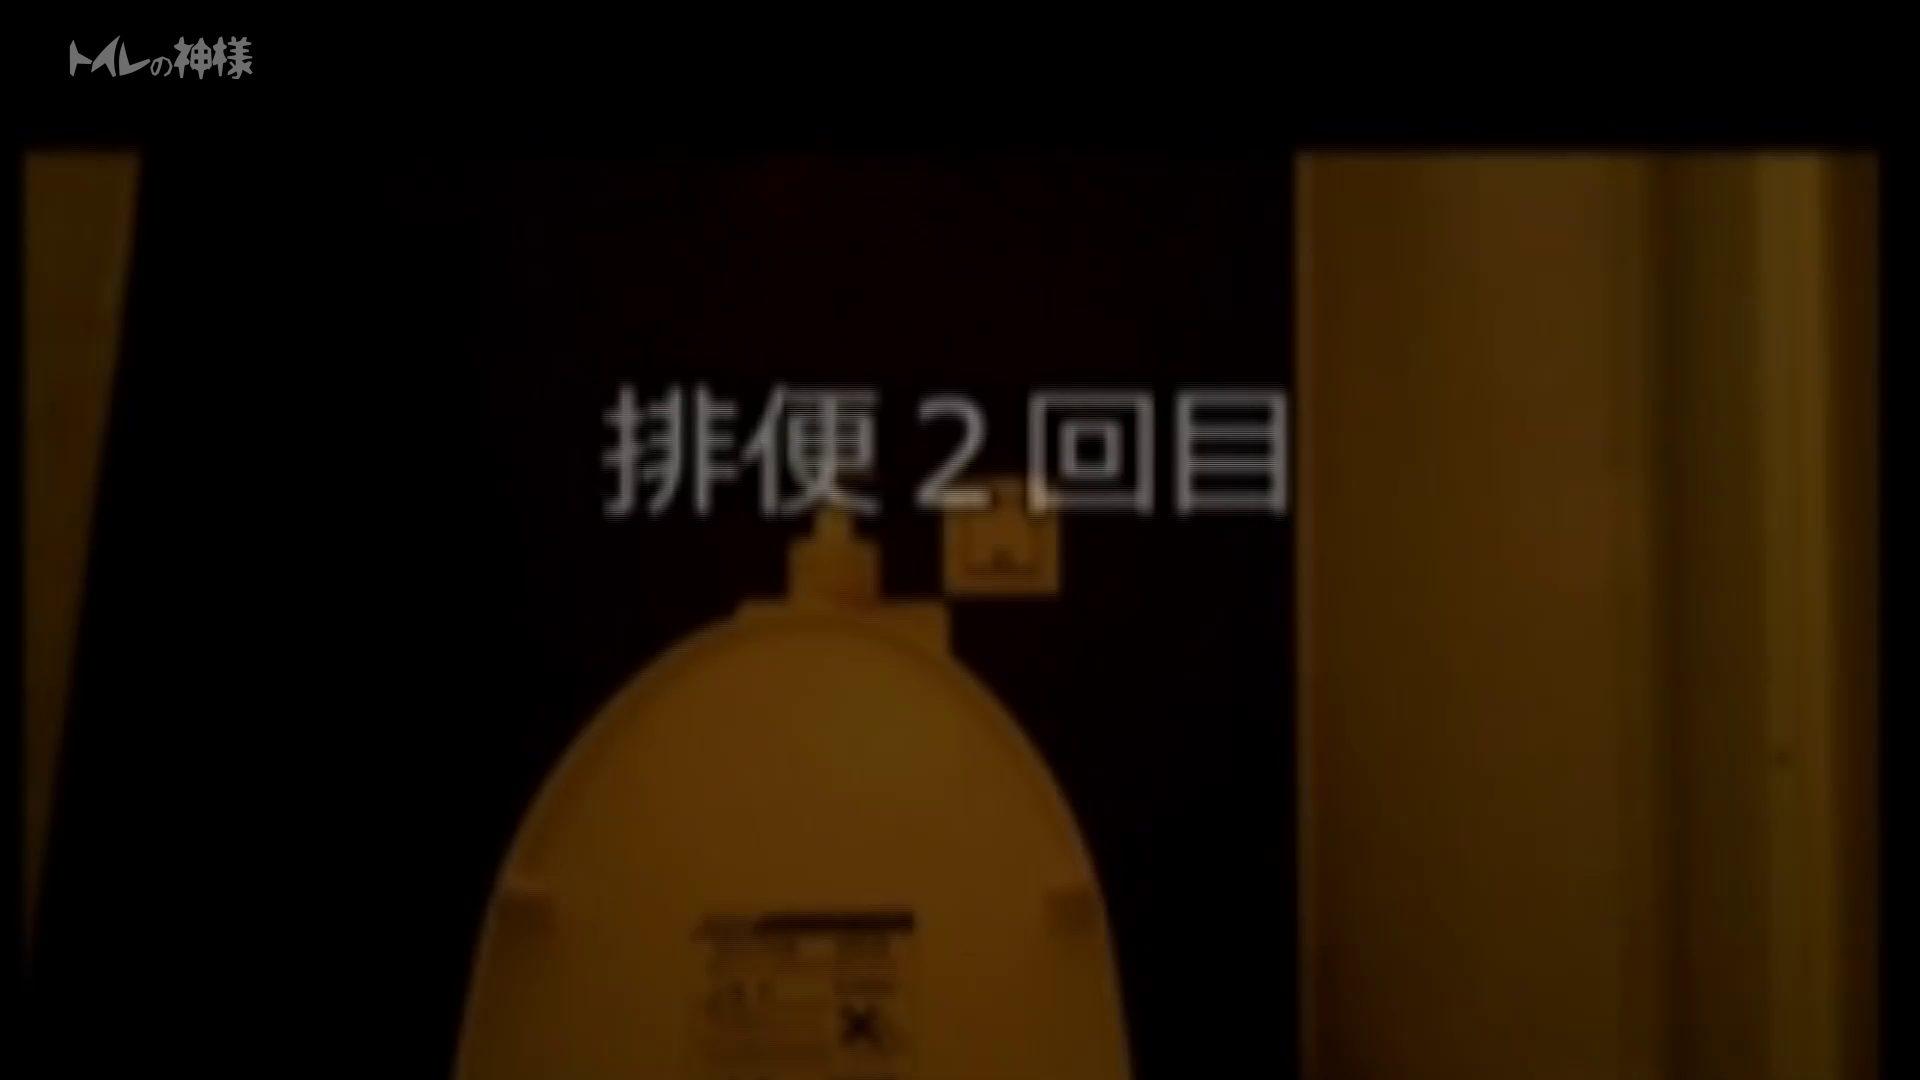 トイレの神様 Vol.03 彼女のうんち隠し撮り 洗面所のぞき えろ無修正画像 111枚 99